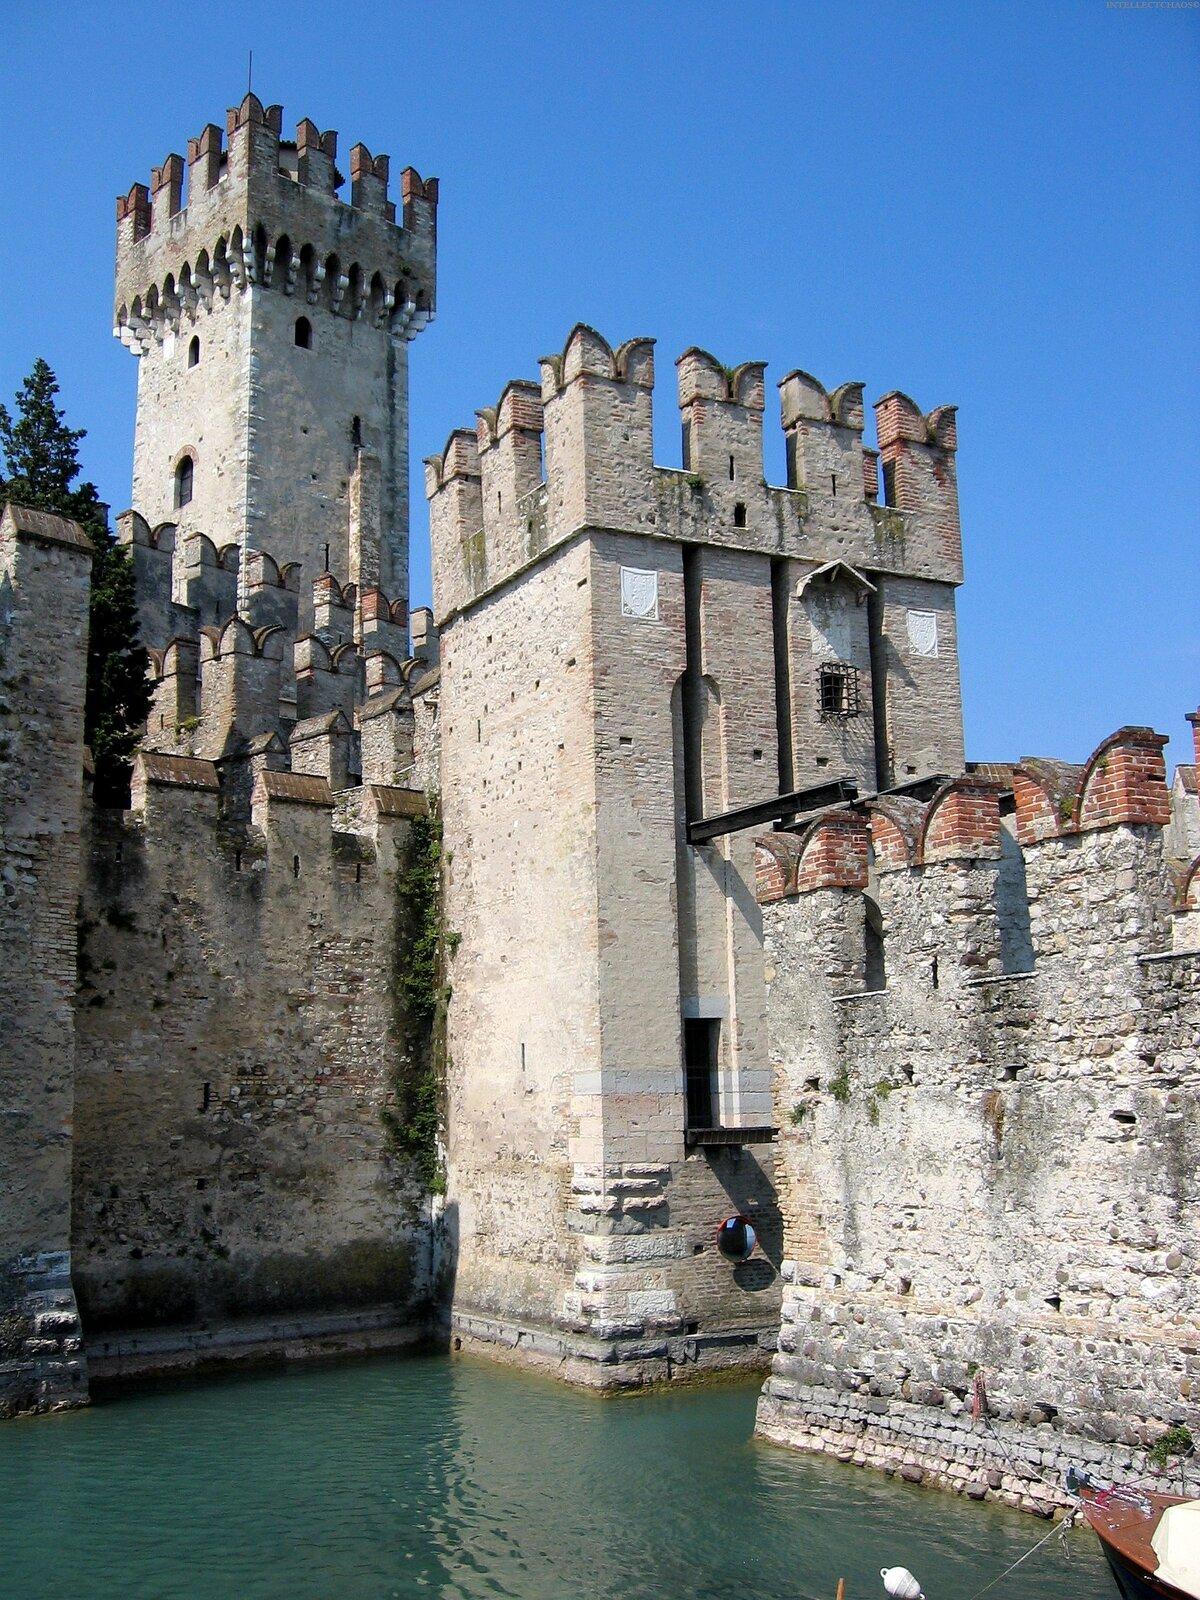 несмотря это, самый старый замок в мире фото переделка легче техническом